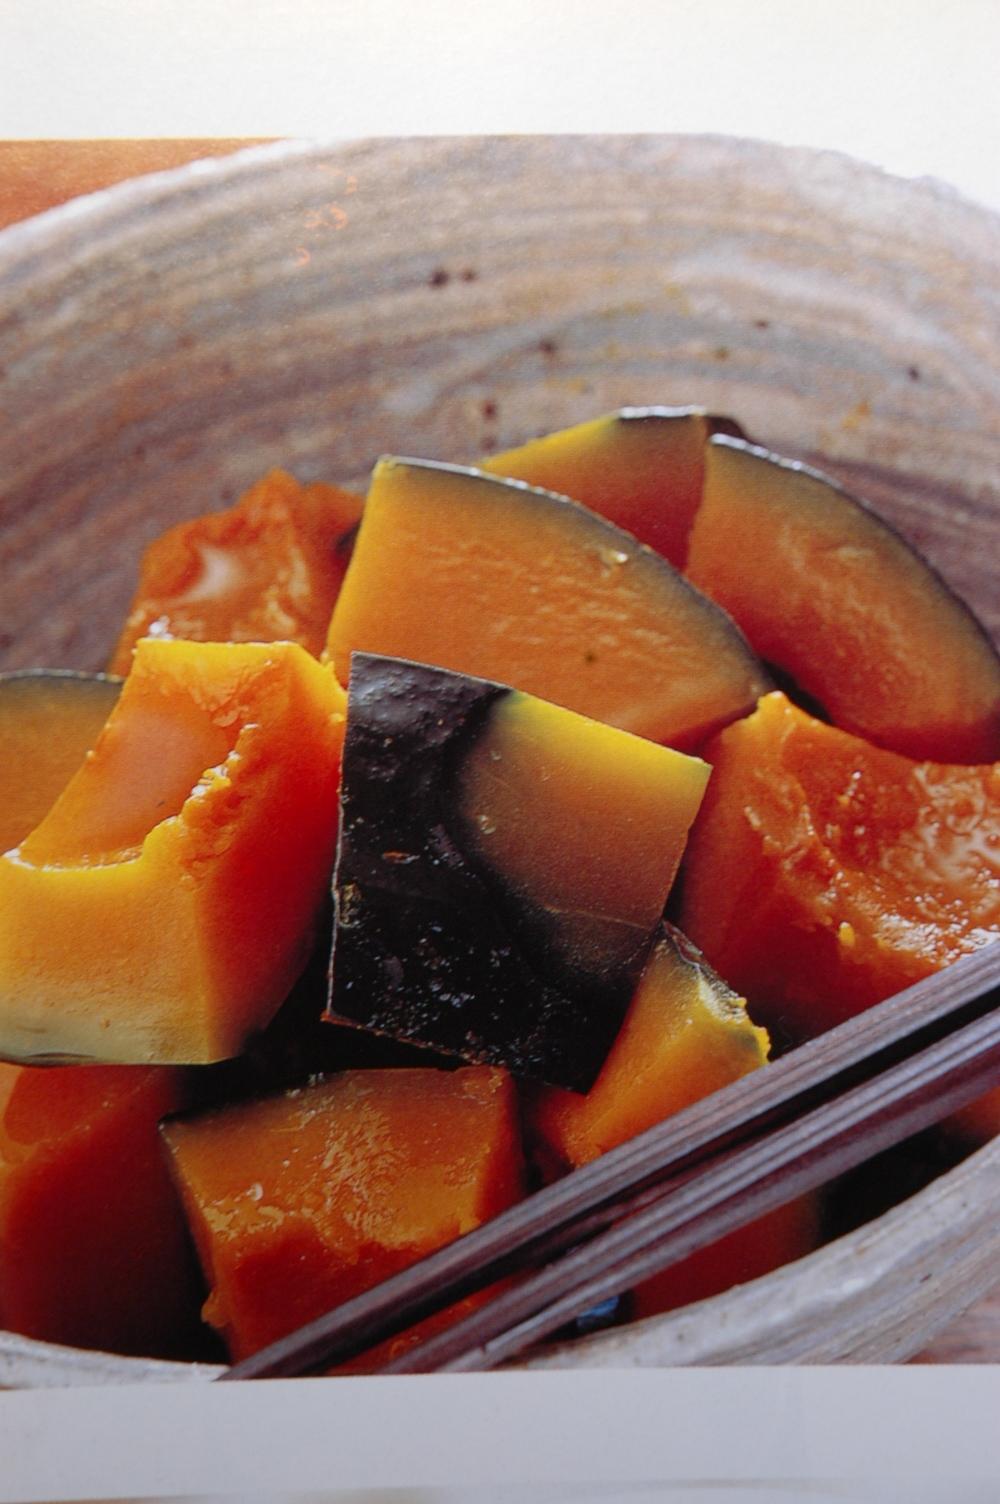 小林カツ代さんちのおいしいごはん かぼちゃの煮物